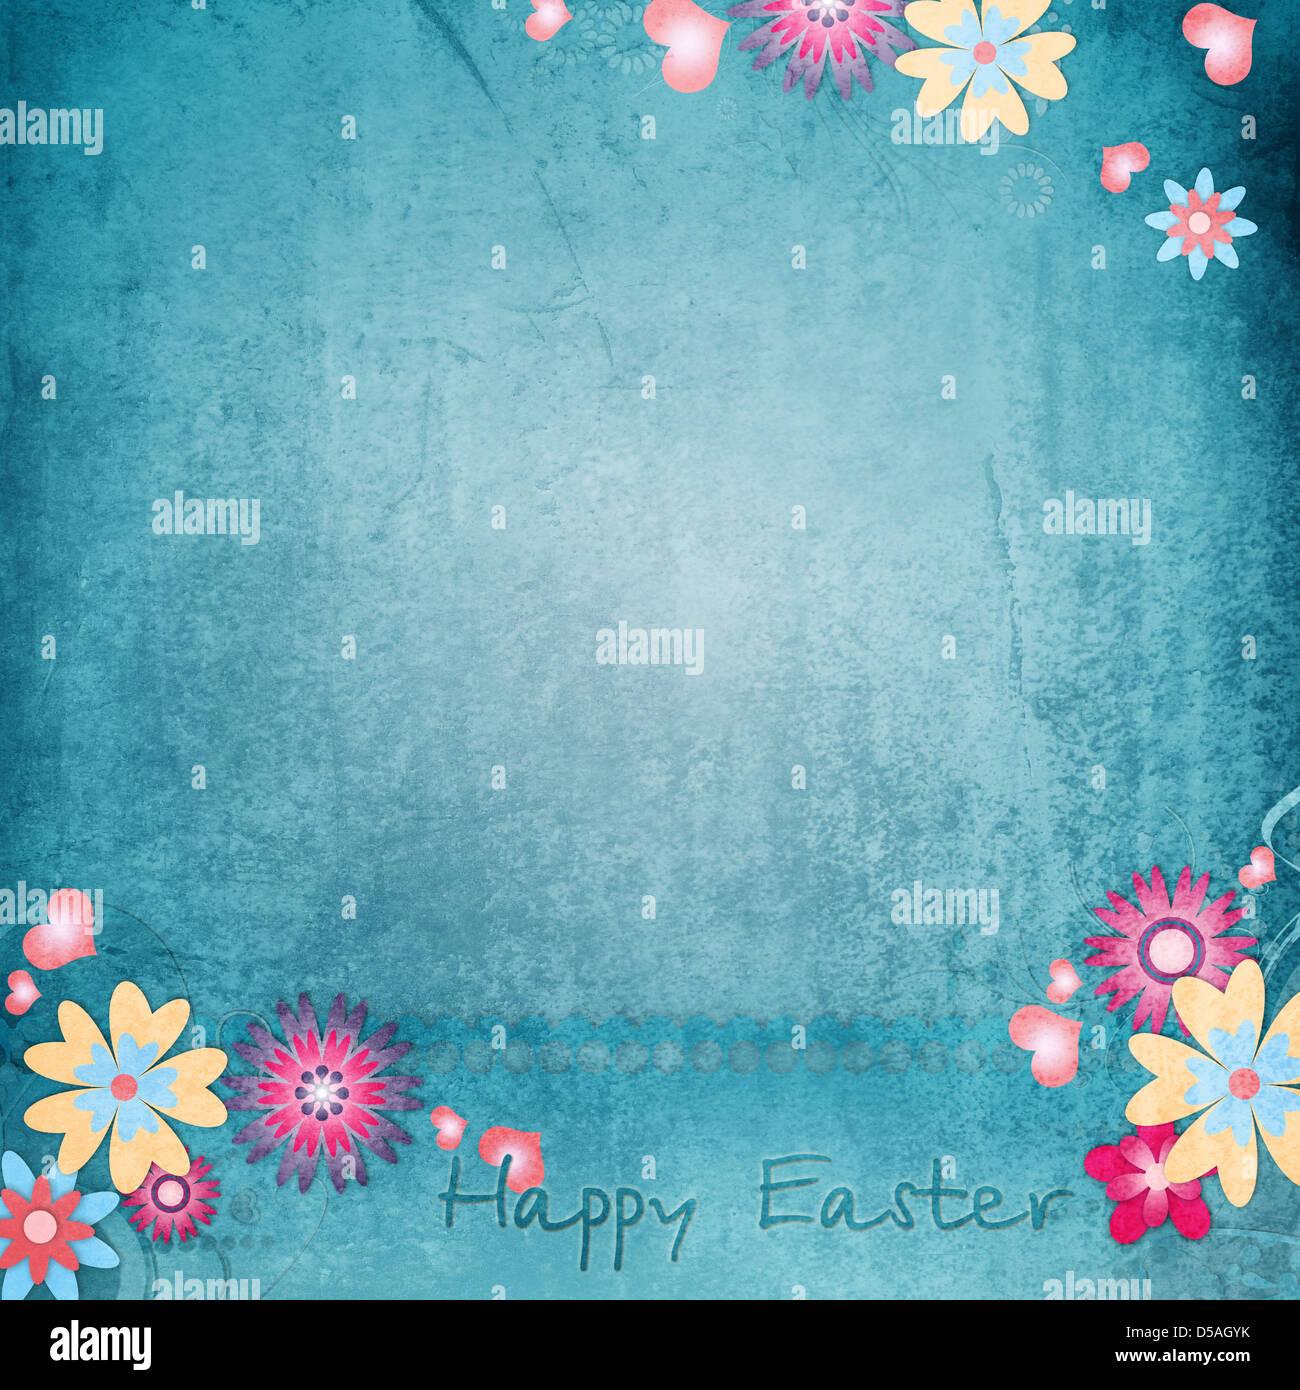 Felice Pasqua biglietto di auguri con fiori, cuori Immagini Stock